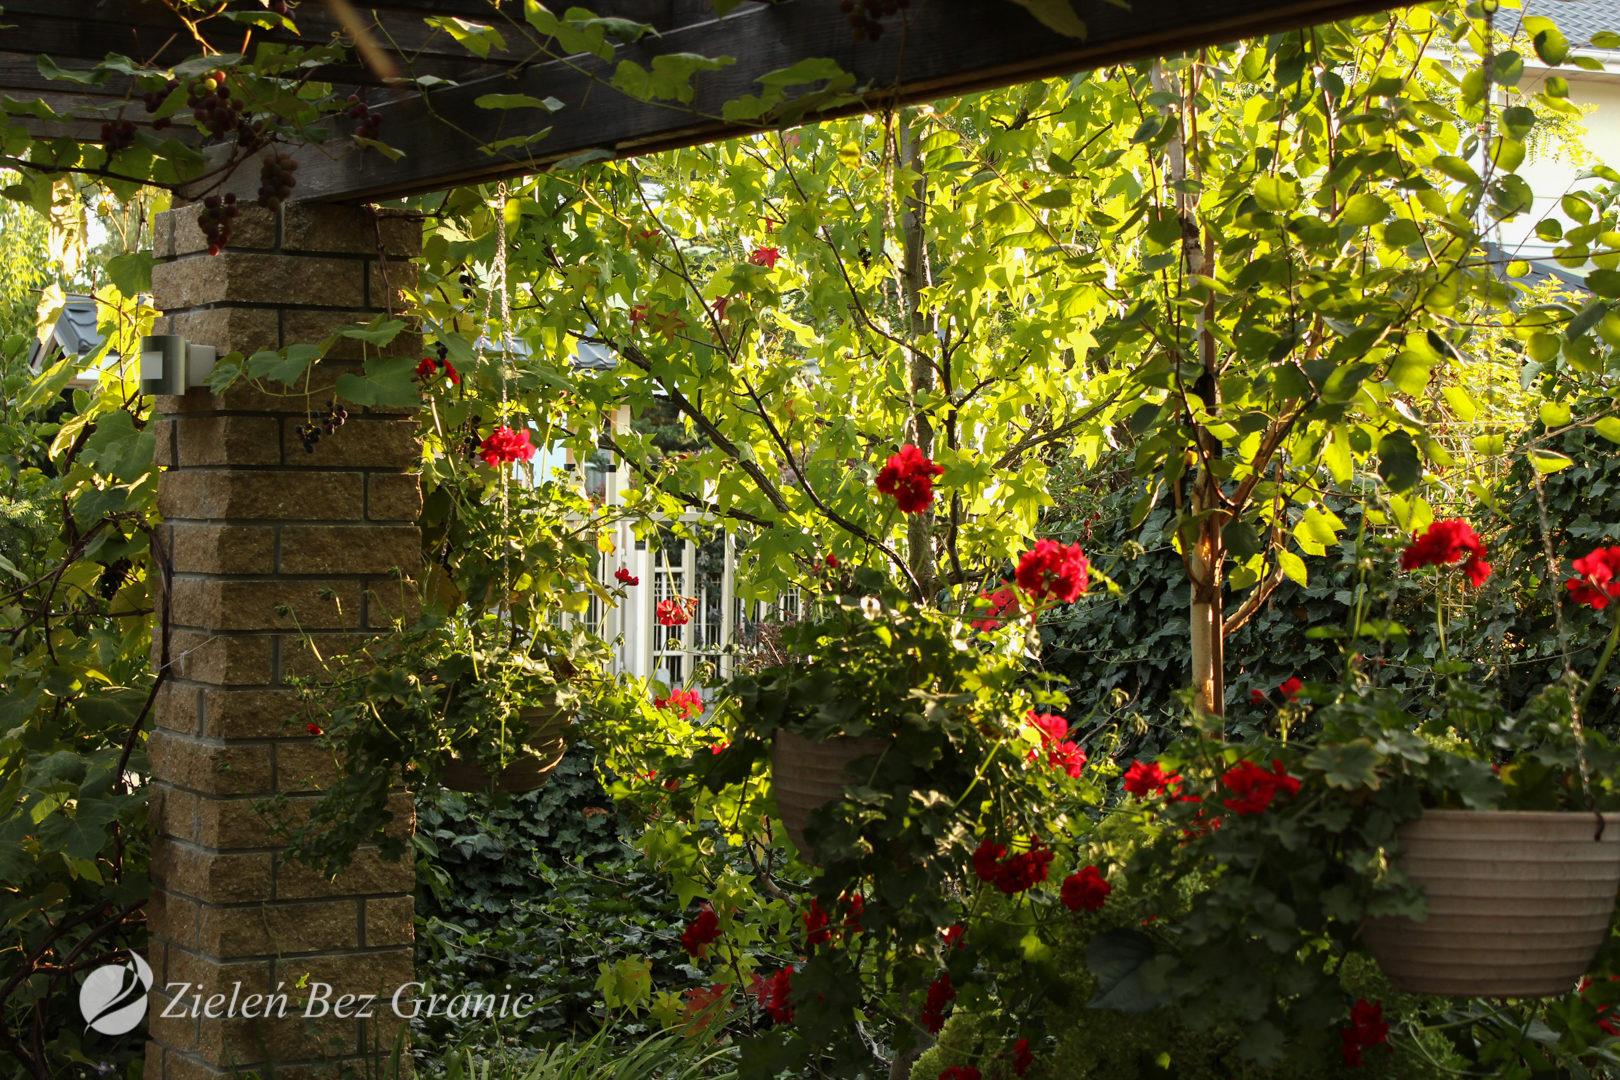 Przytulny ogród przydomowy.